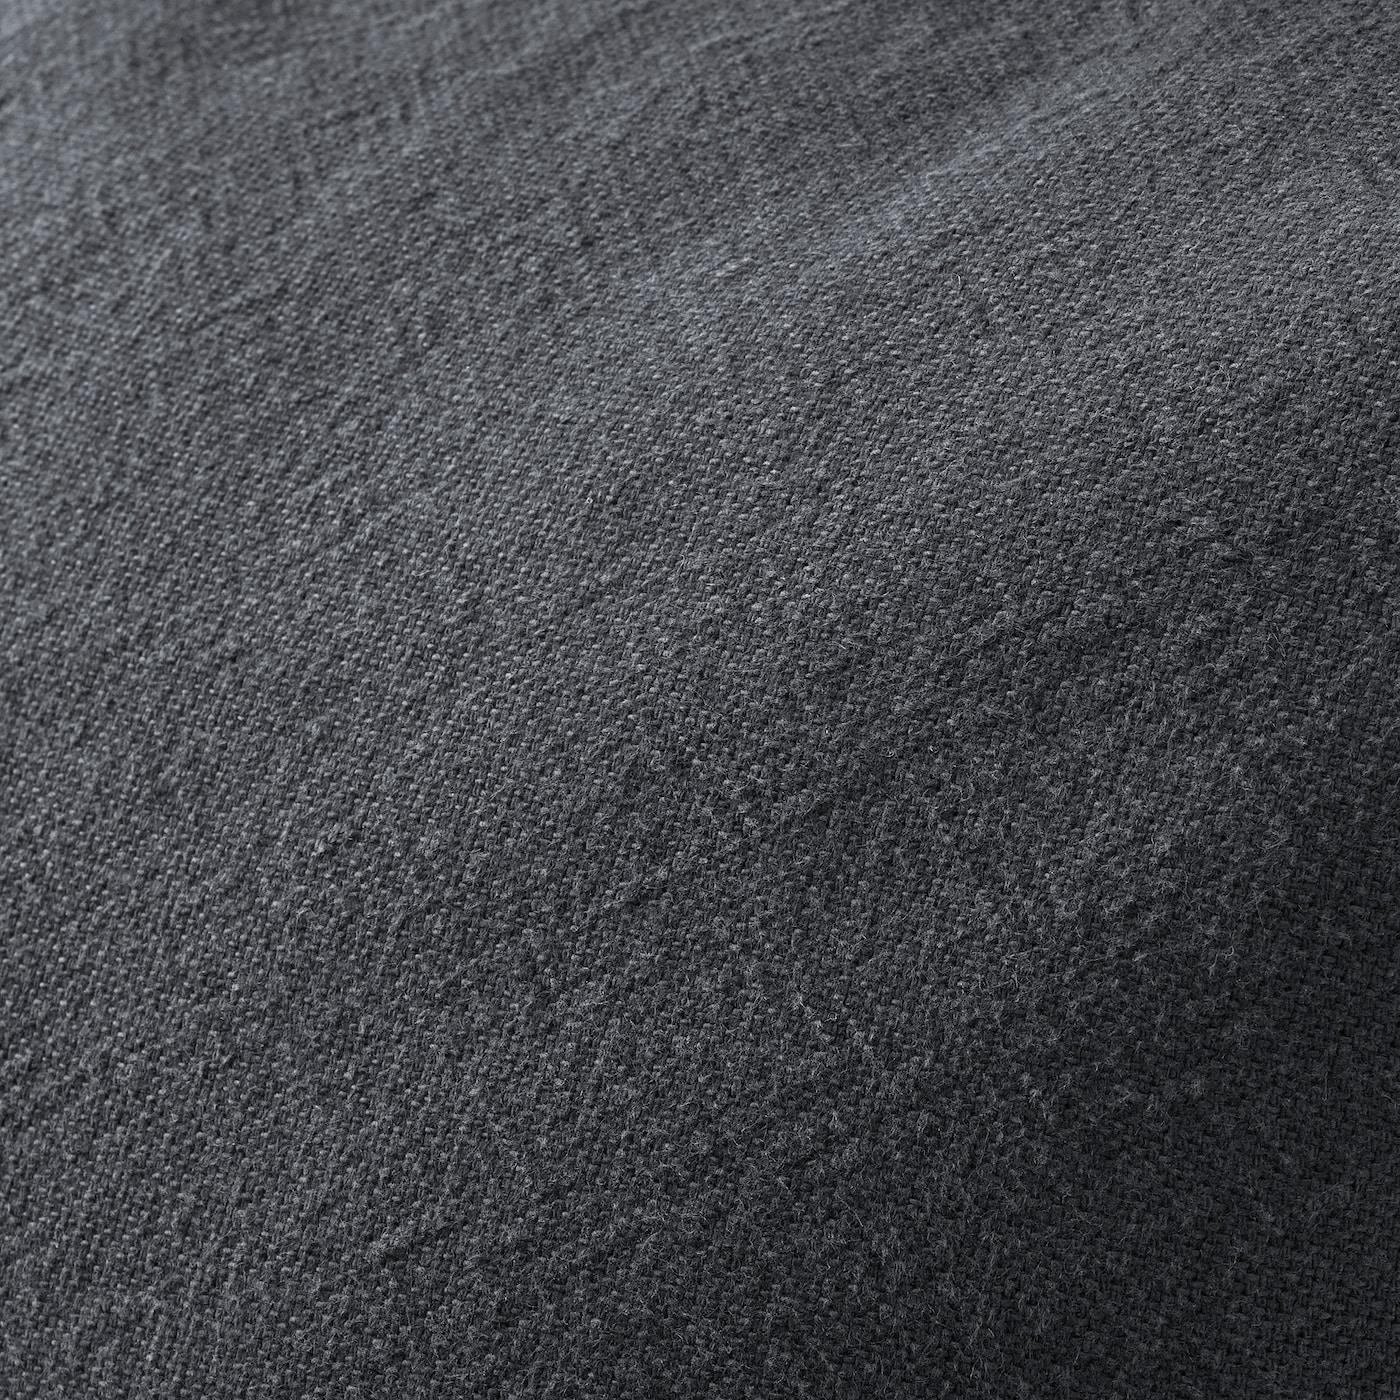 JOFRID cushion cover dark blue-grey 65 cm 65 cm